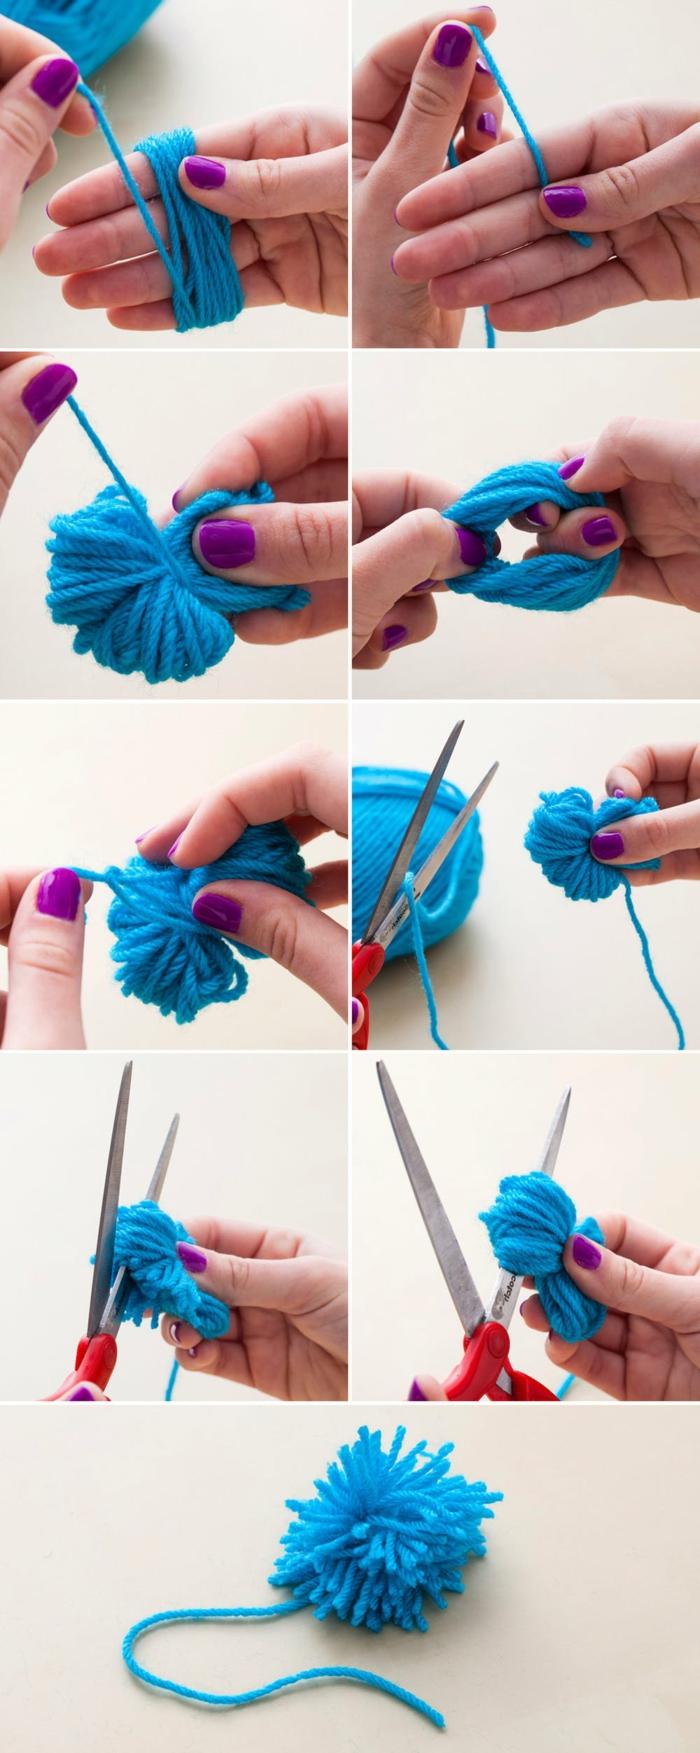 faire un pompon en laine, peloton de fil bleu enroulé autour des doigts, technique pour fabriquer des pompons